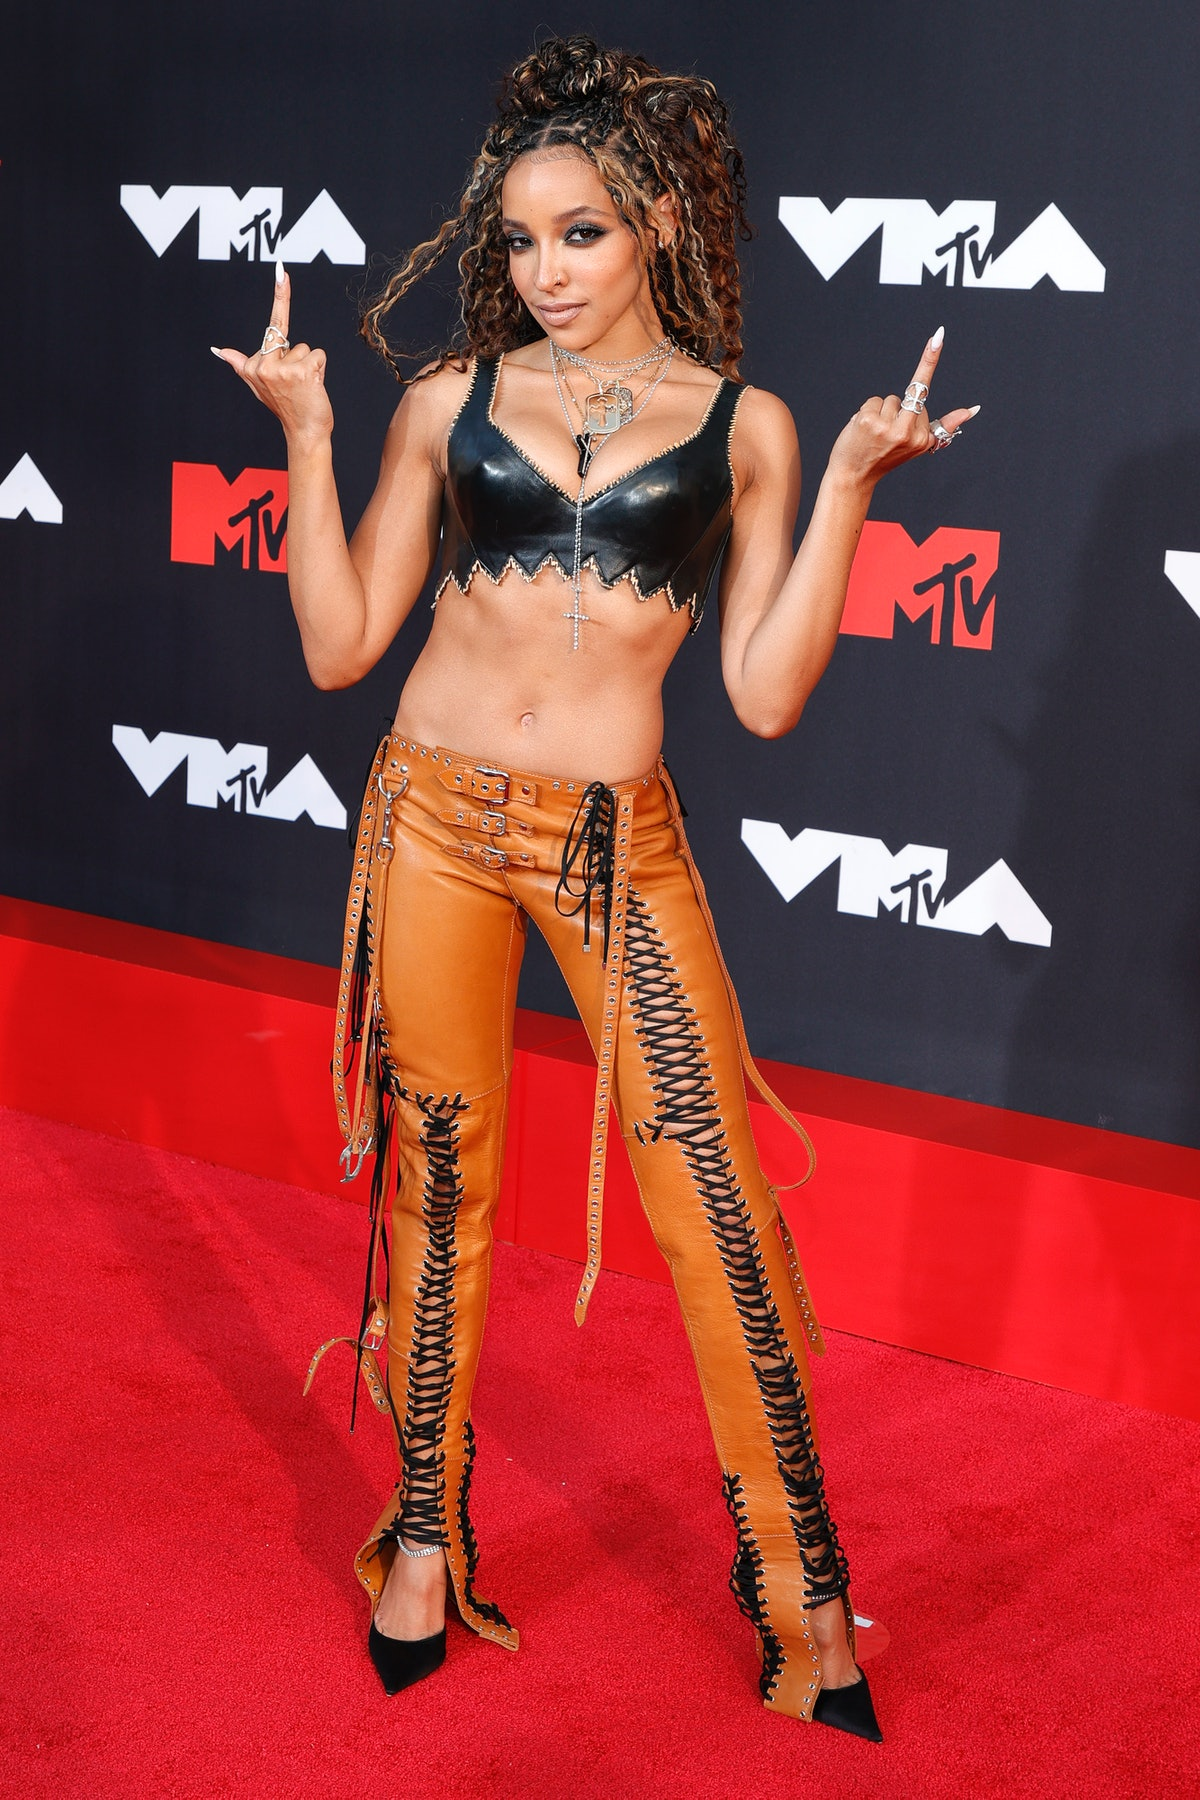 Tinashe at the 2021 VMAs